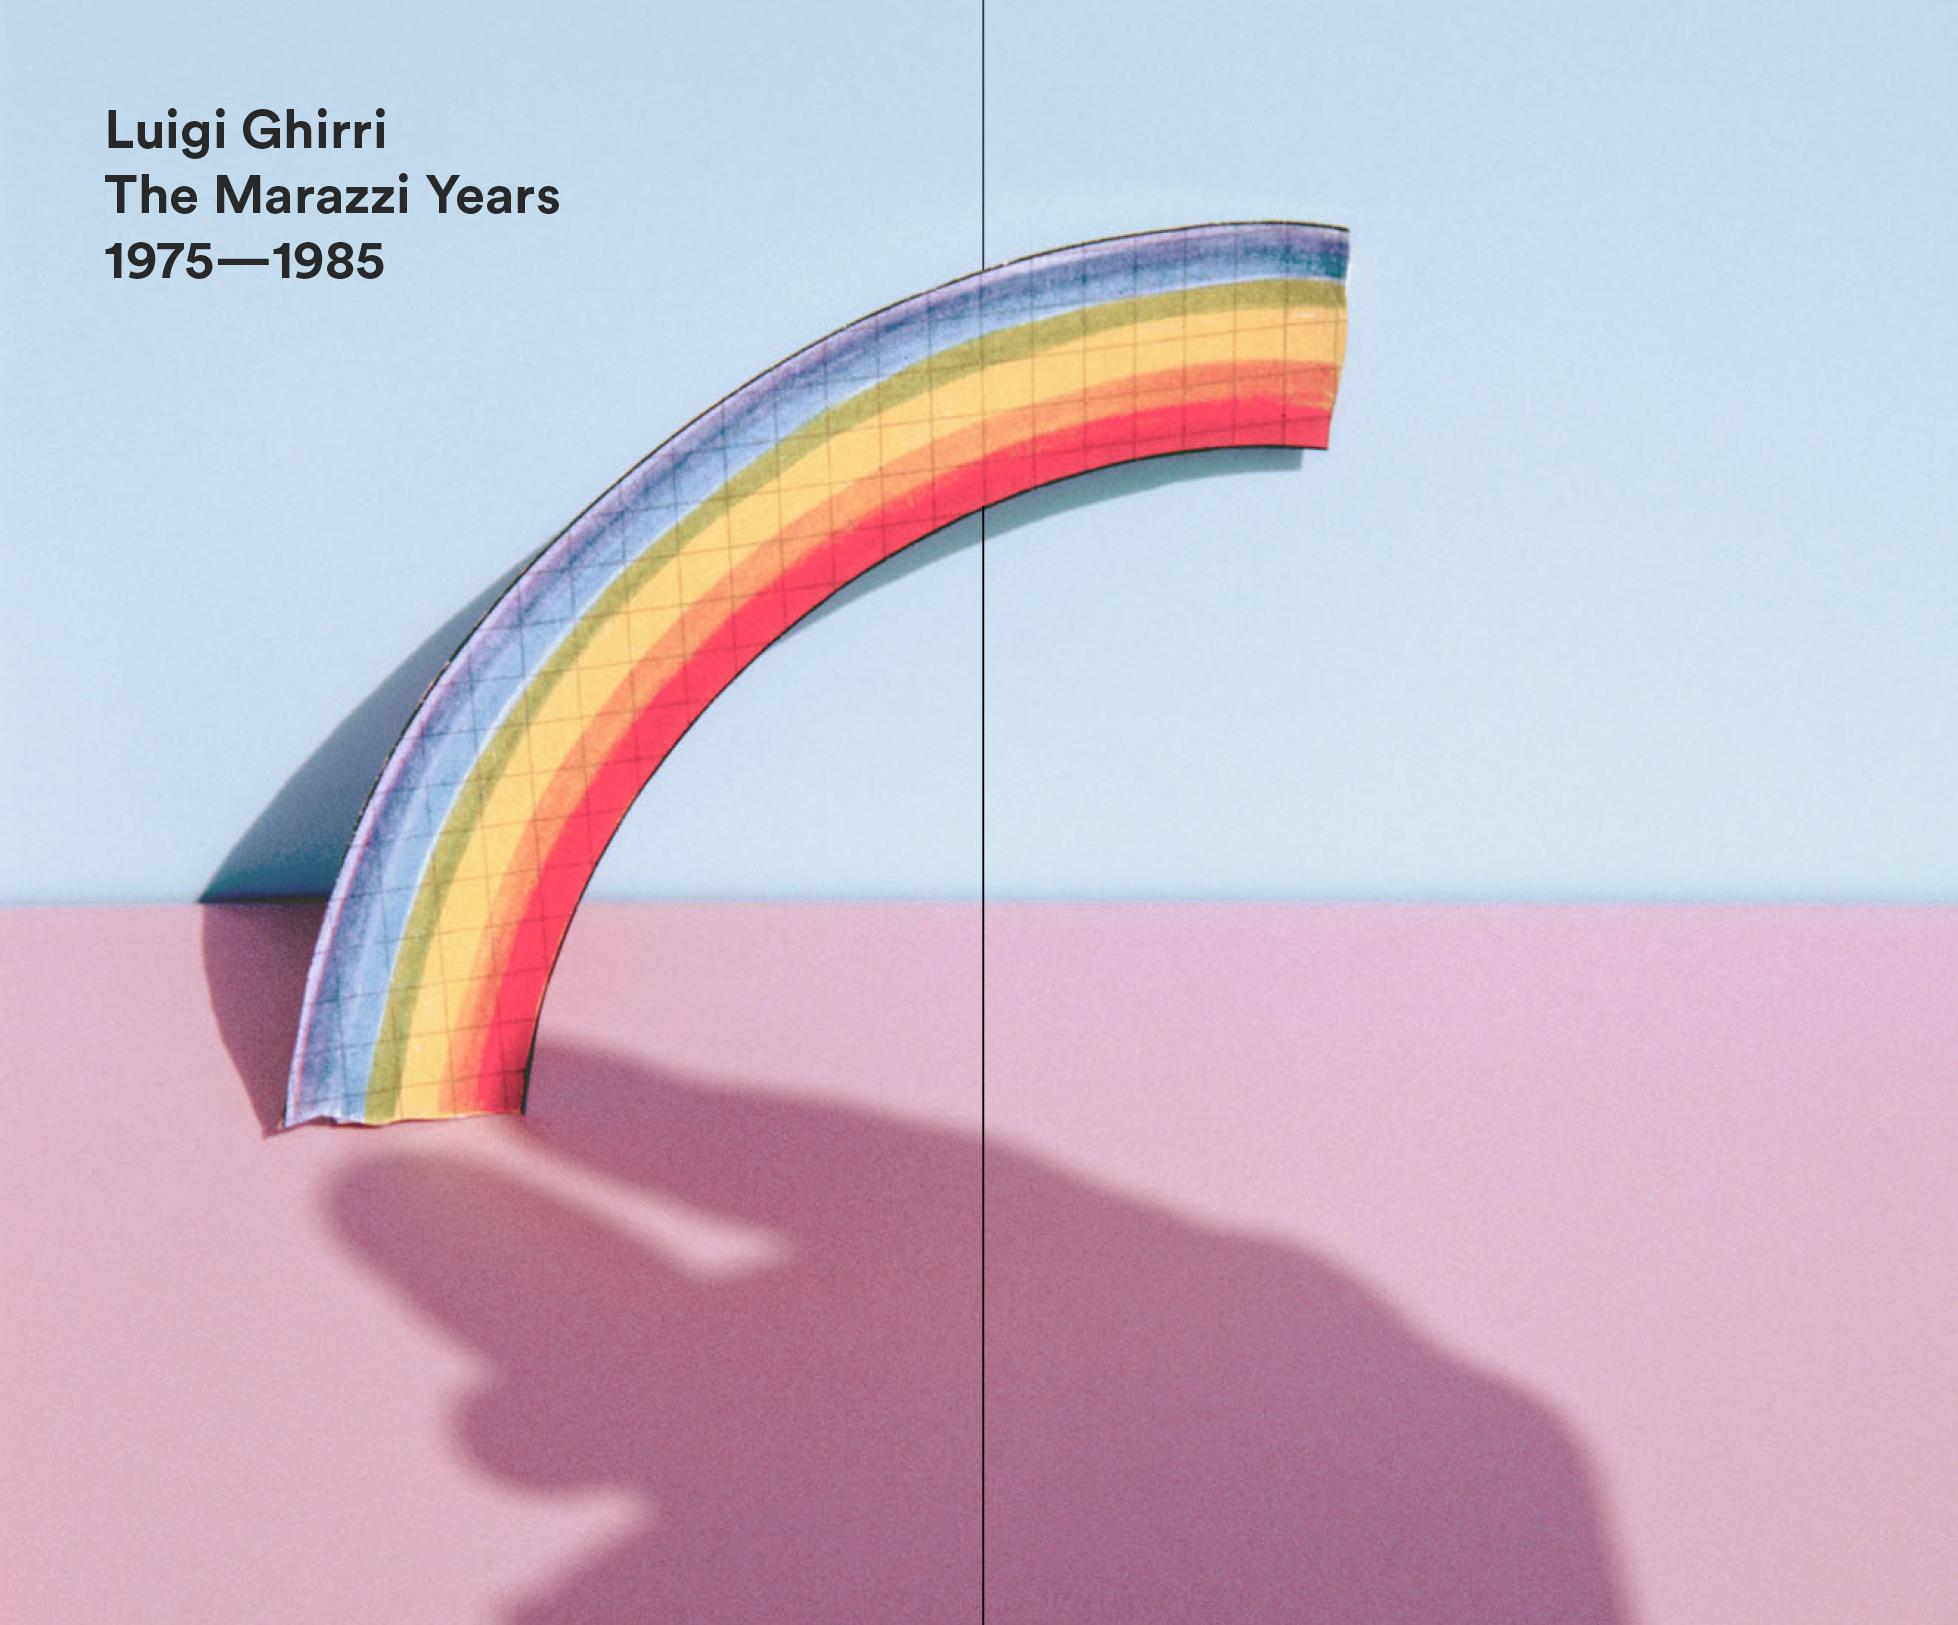 Luigi Ghirri The Marazzi Years 1975-1985